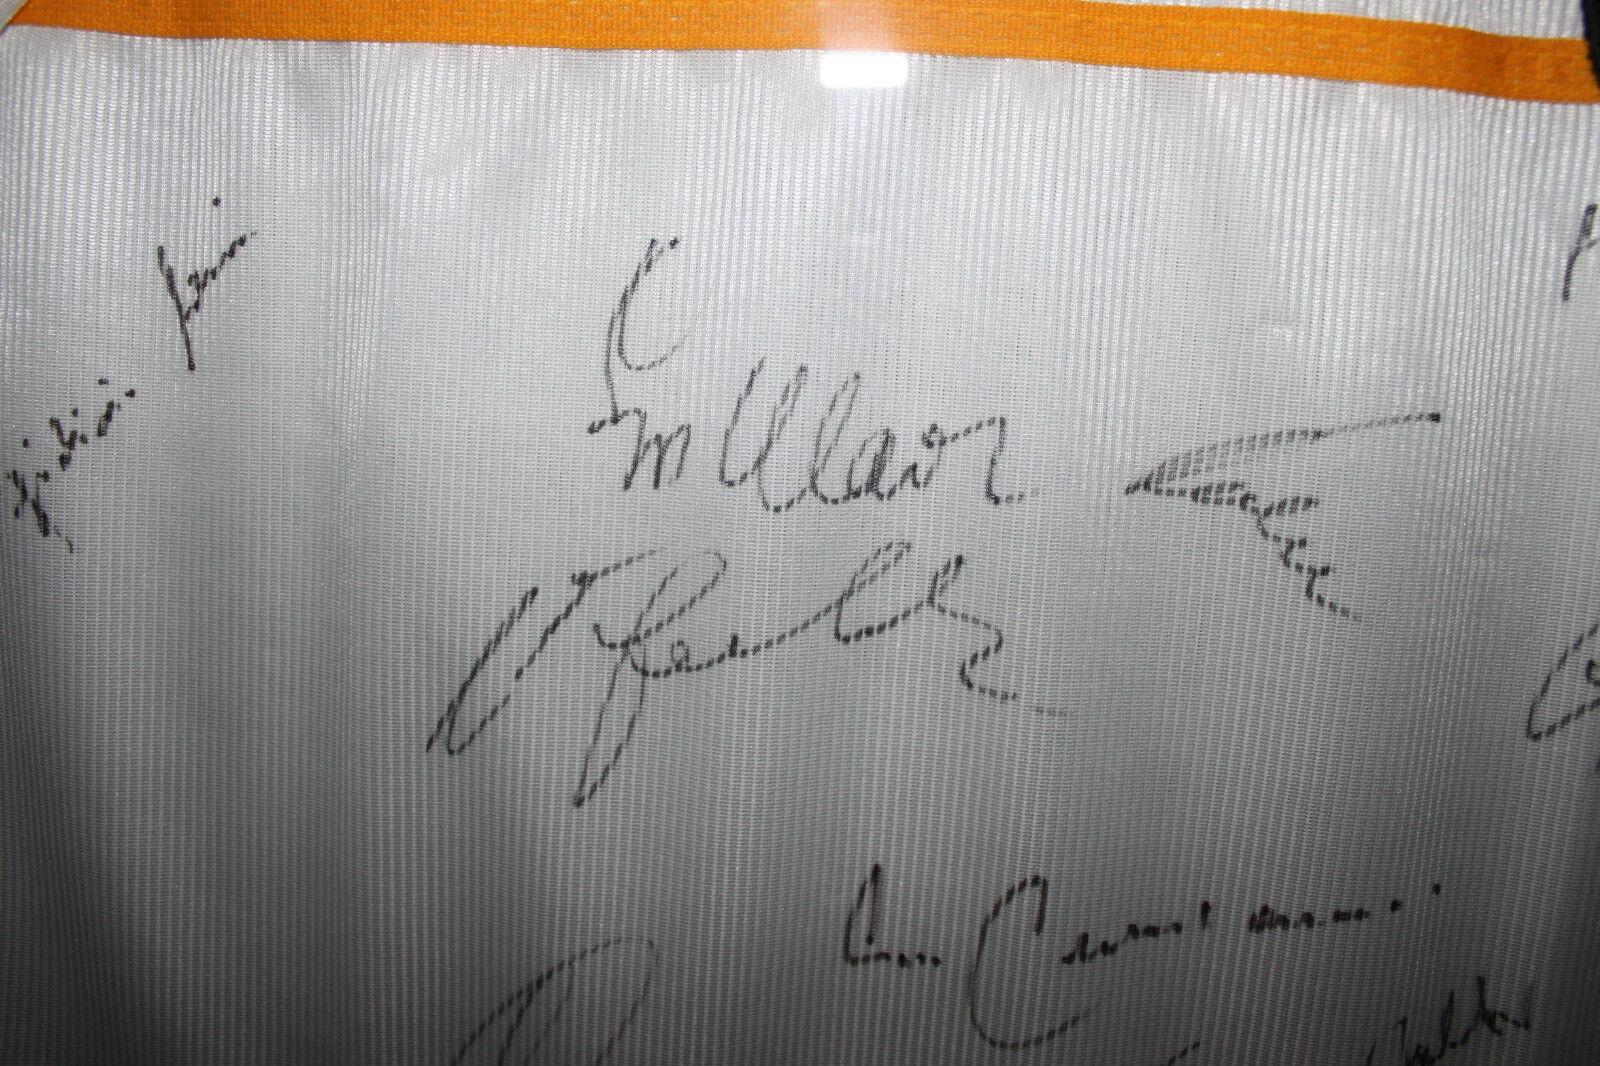 Sponsorentrikot WM 2006 2006 2006 für Verbände National und International mit Rahmen 766922